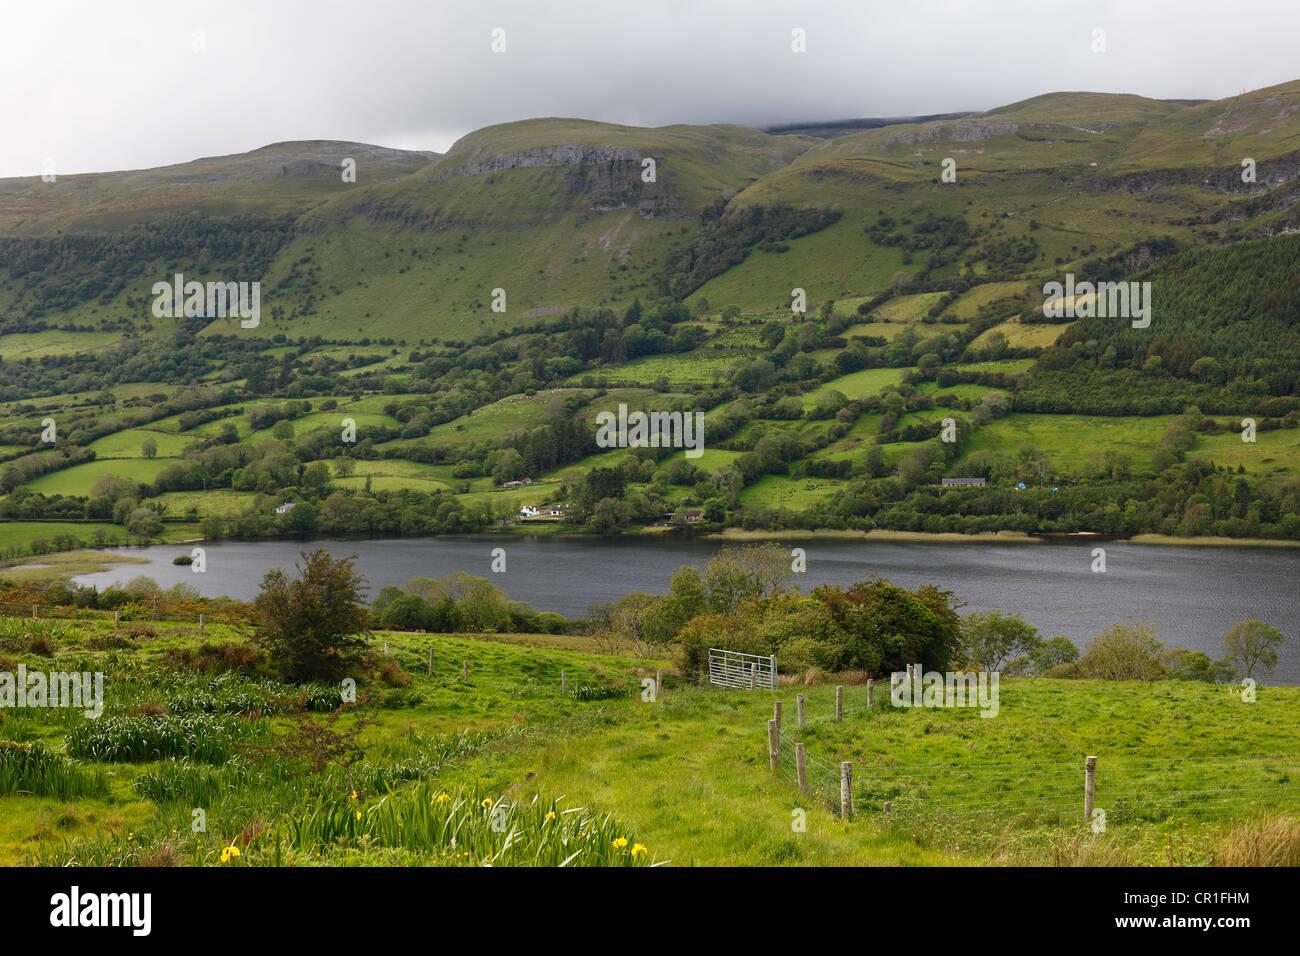 Glencar Lough, County Sligo, Connacht, Ireland, Europe - Stock Image